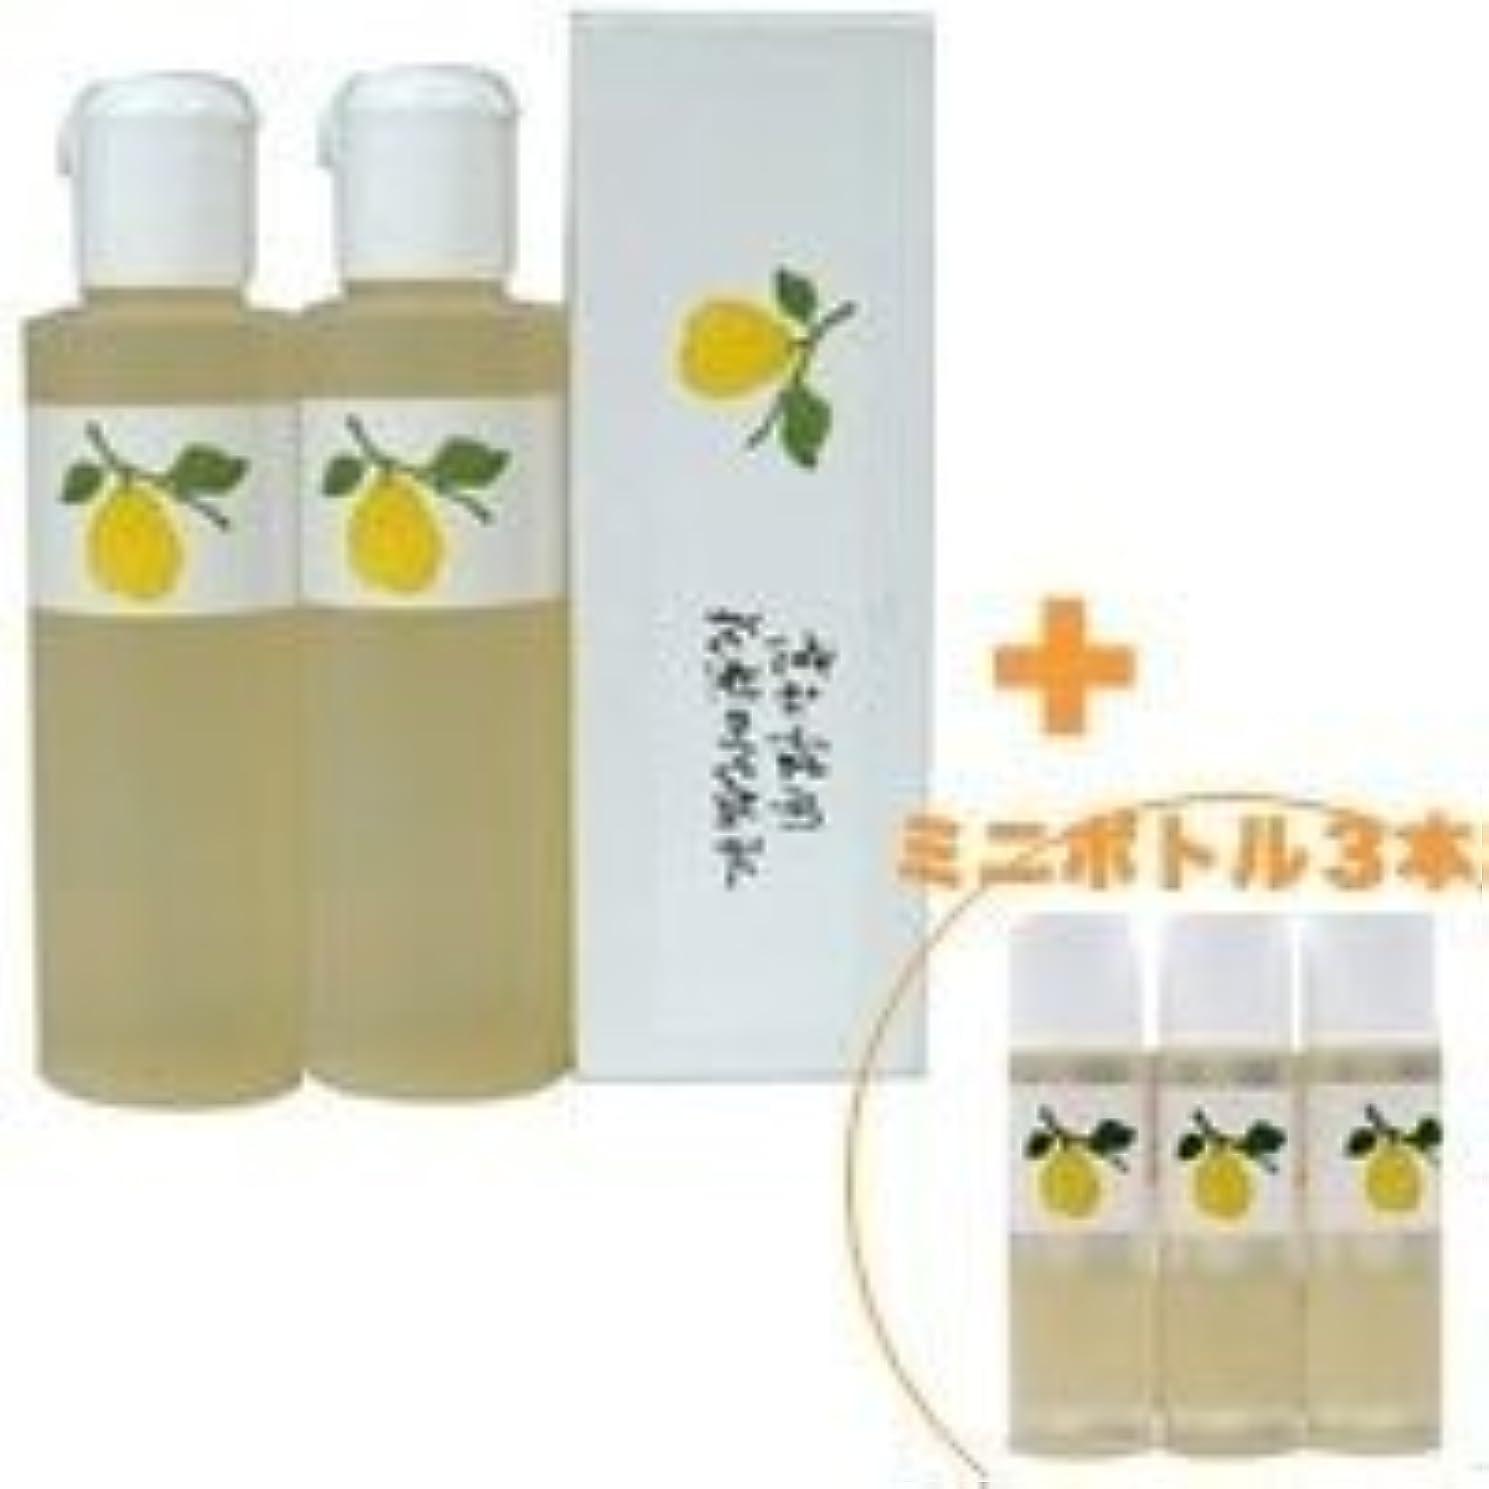 保護するボウリング飼料花梨の化粧水 200ml 2本&ミニボトル 3本 美容液 栄養クリームのいらないお肌へ 保湿と乾燥対策に